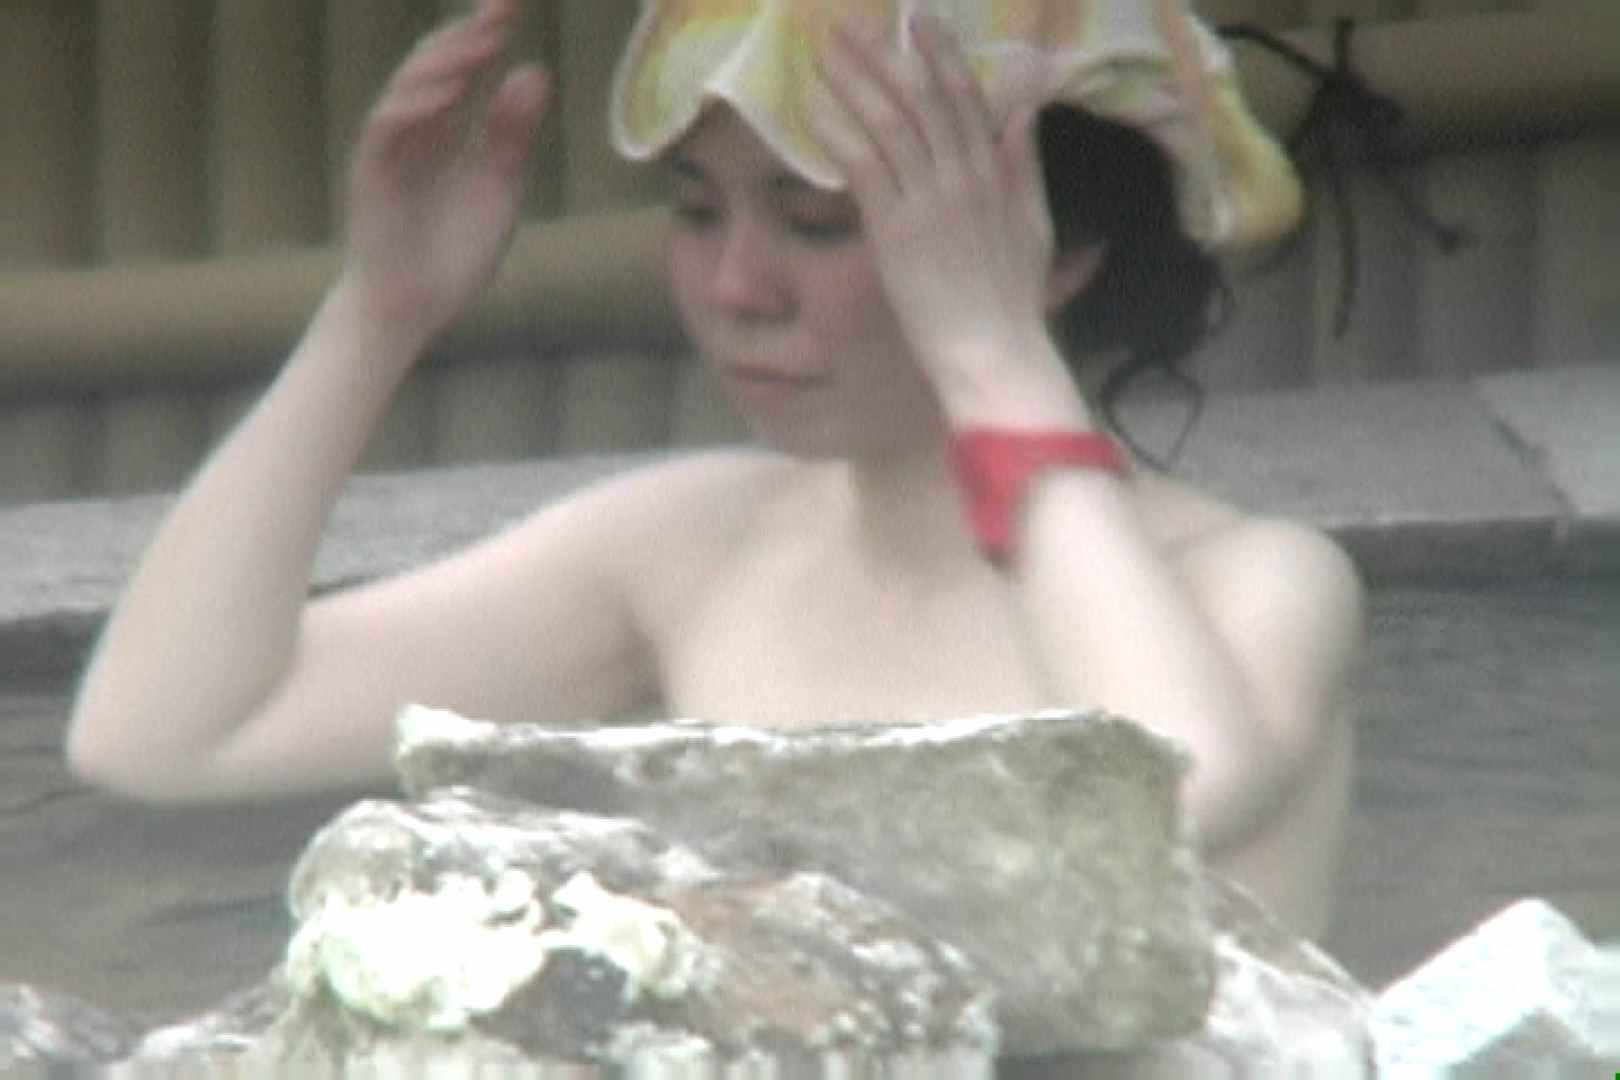 Aquaな露天風呂Vol.687 盗撮  63画像 15